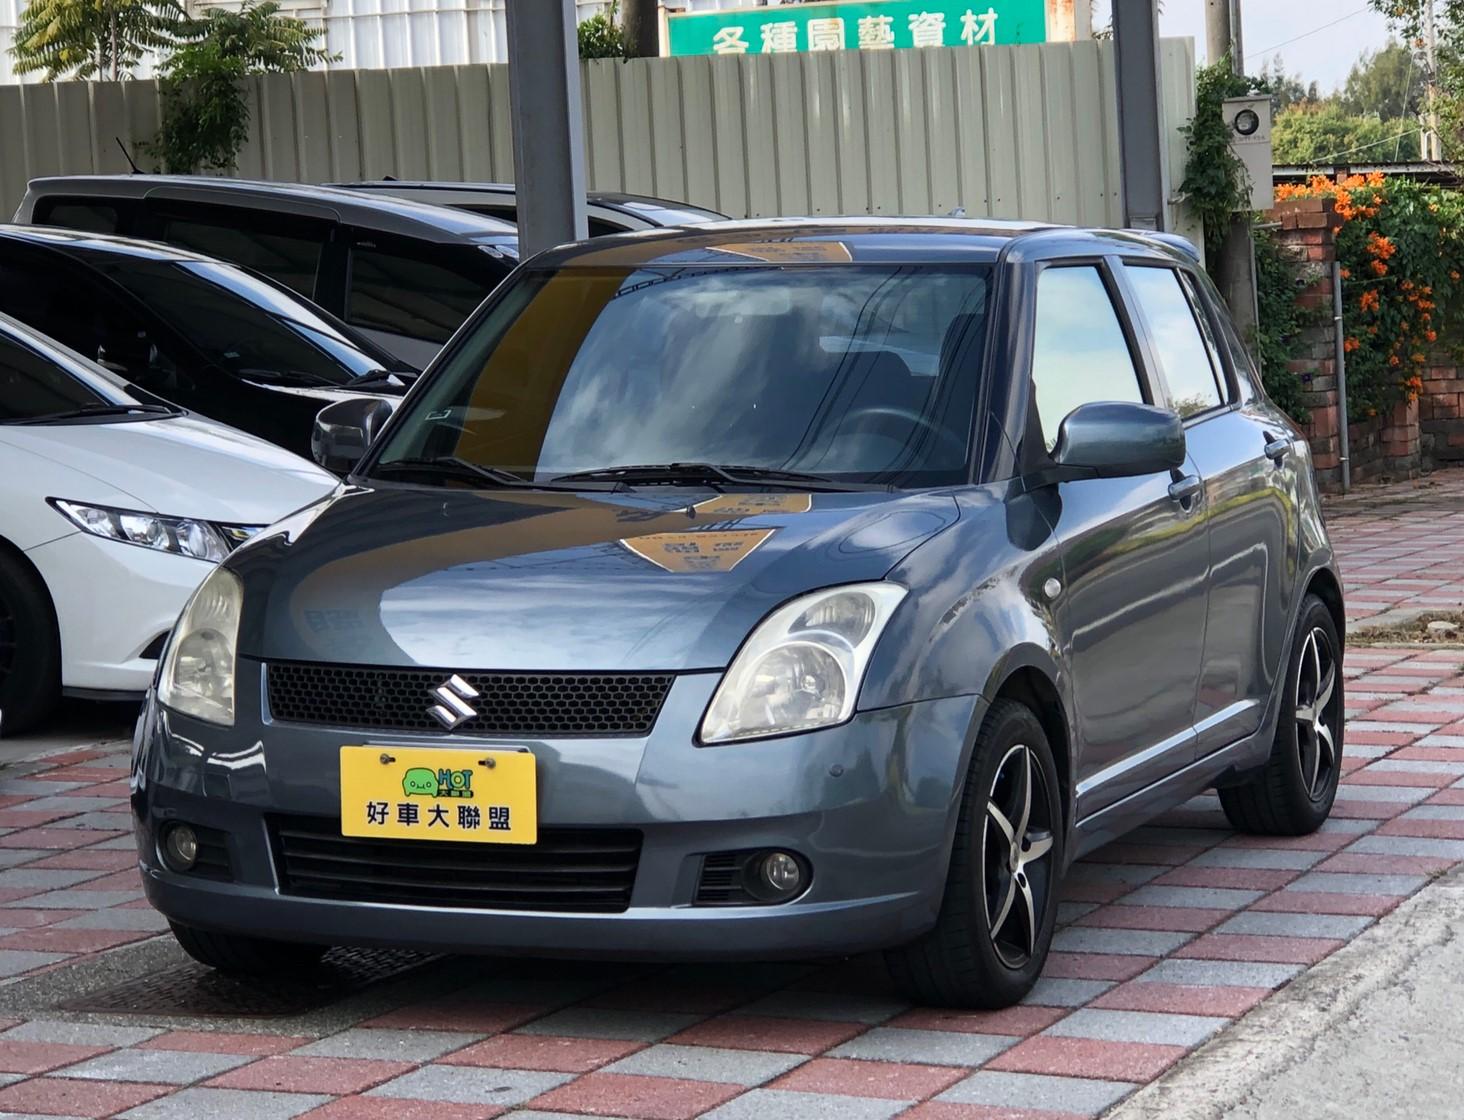 2005 Suzuki 鈴木 Swift